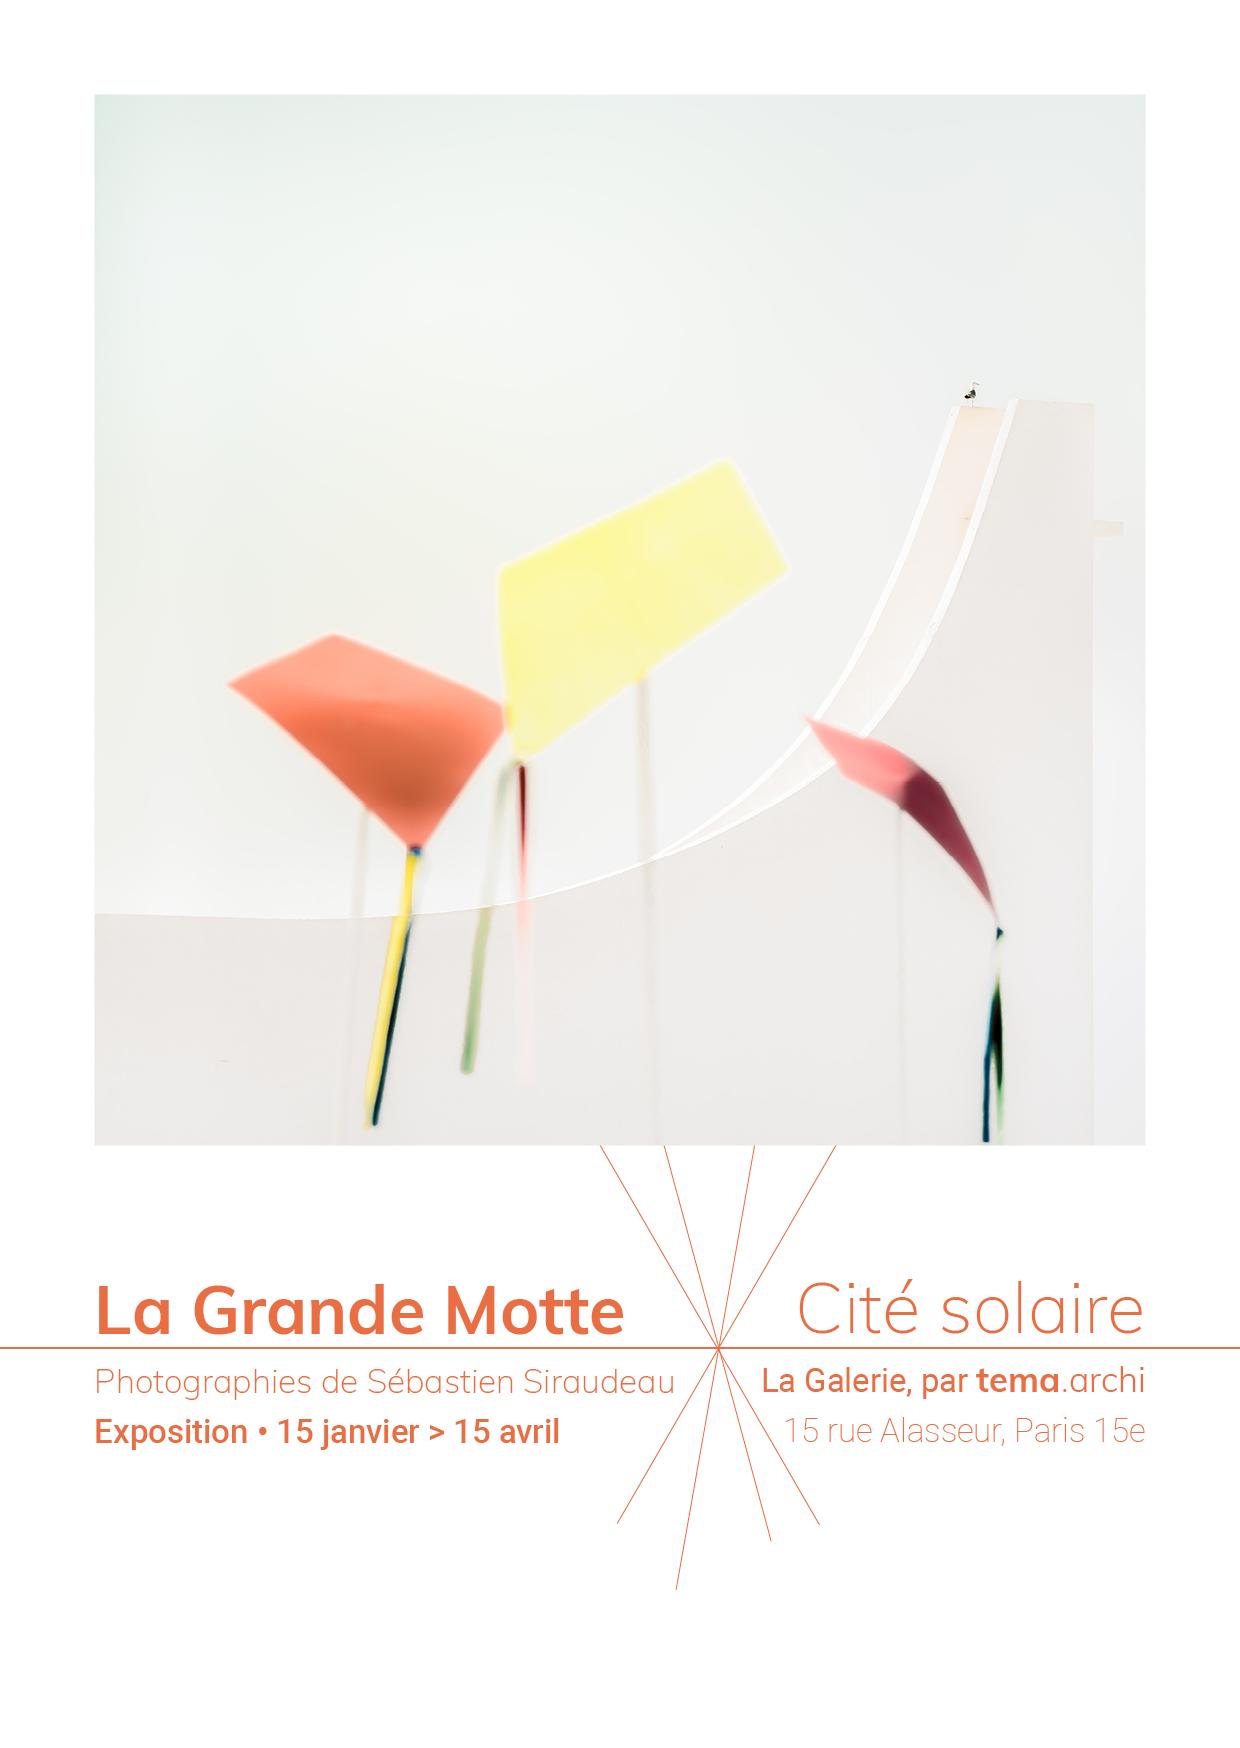 «La Grande Motte, Cité solaire»